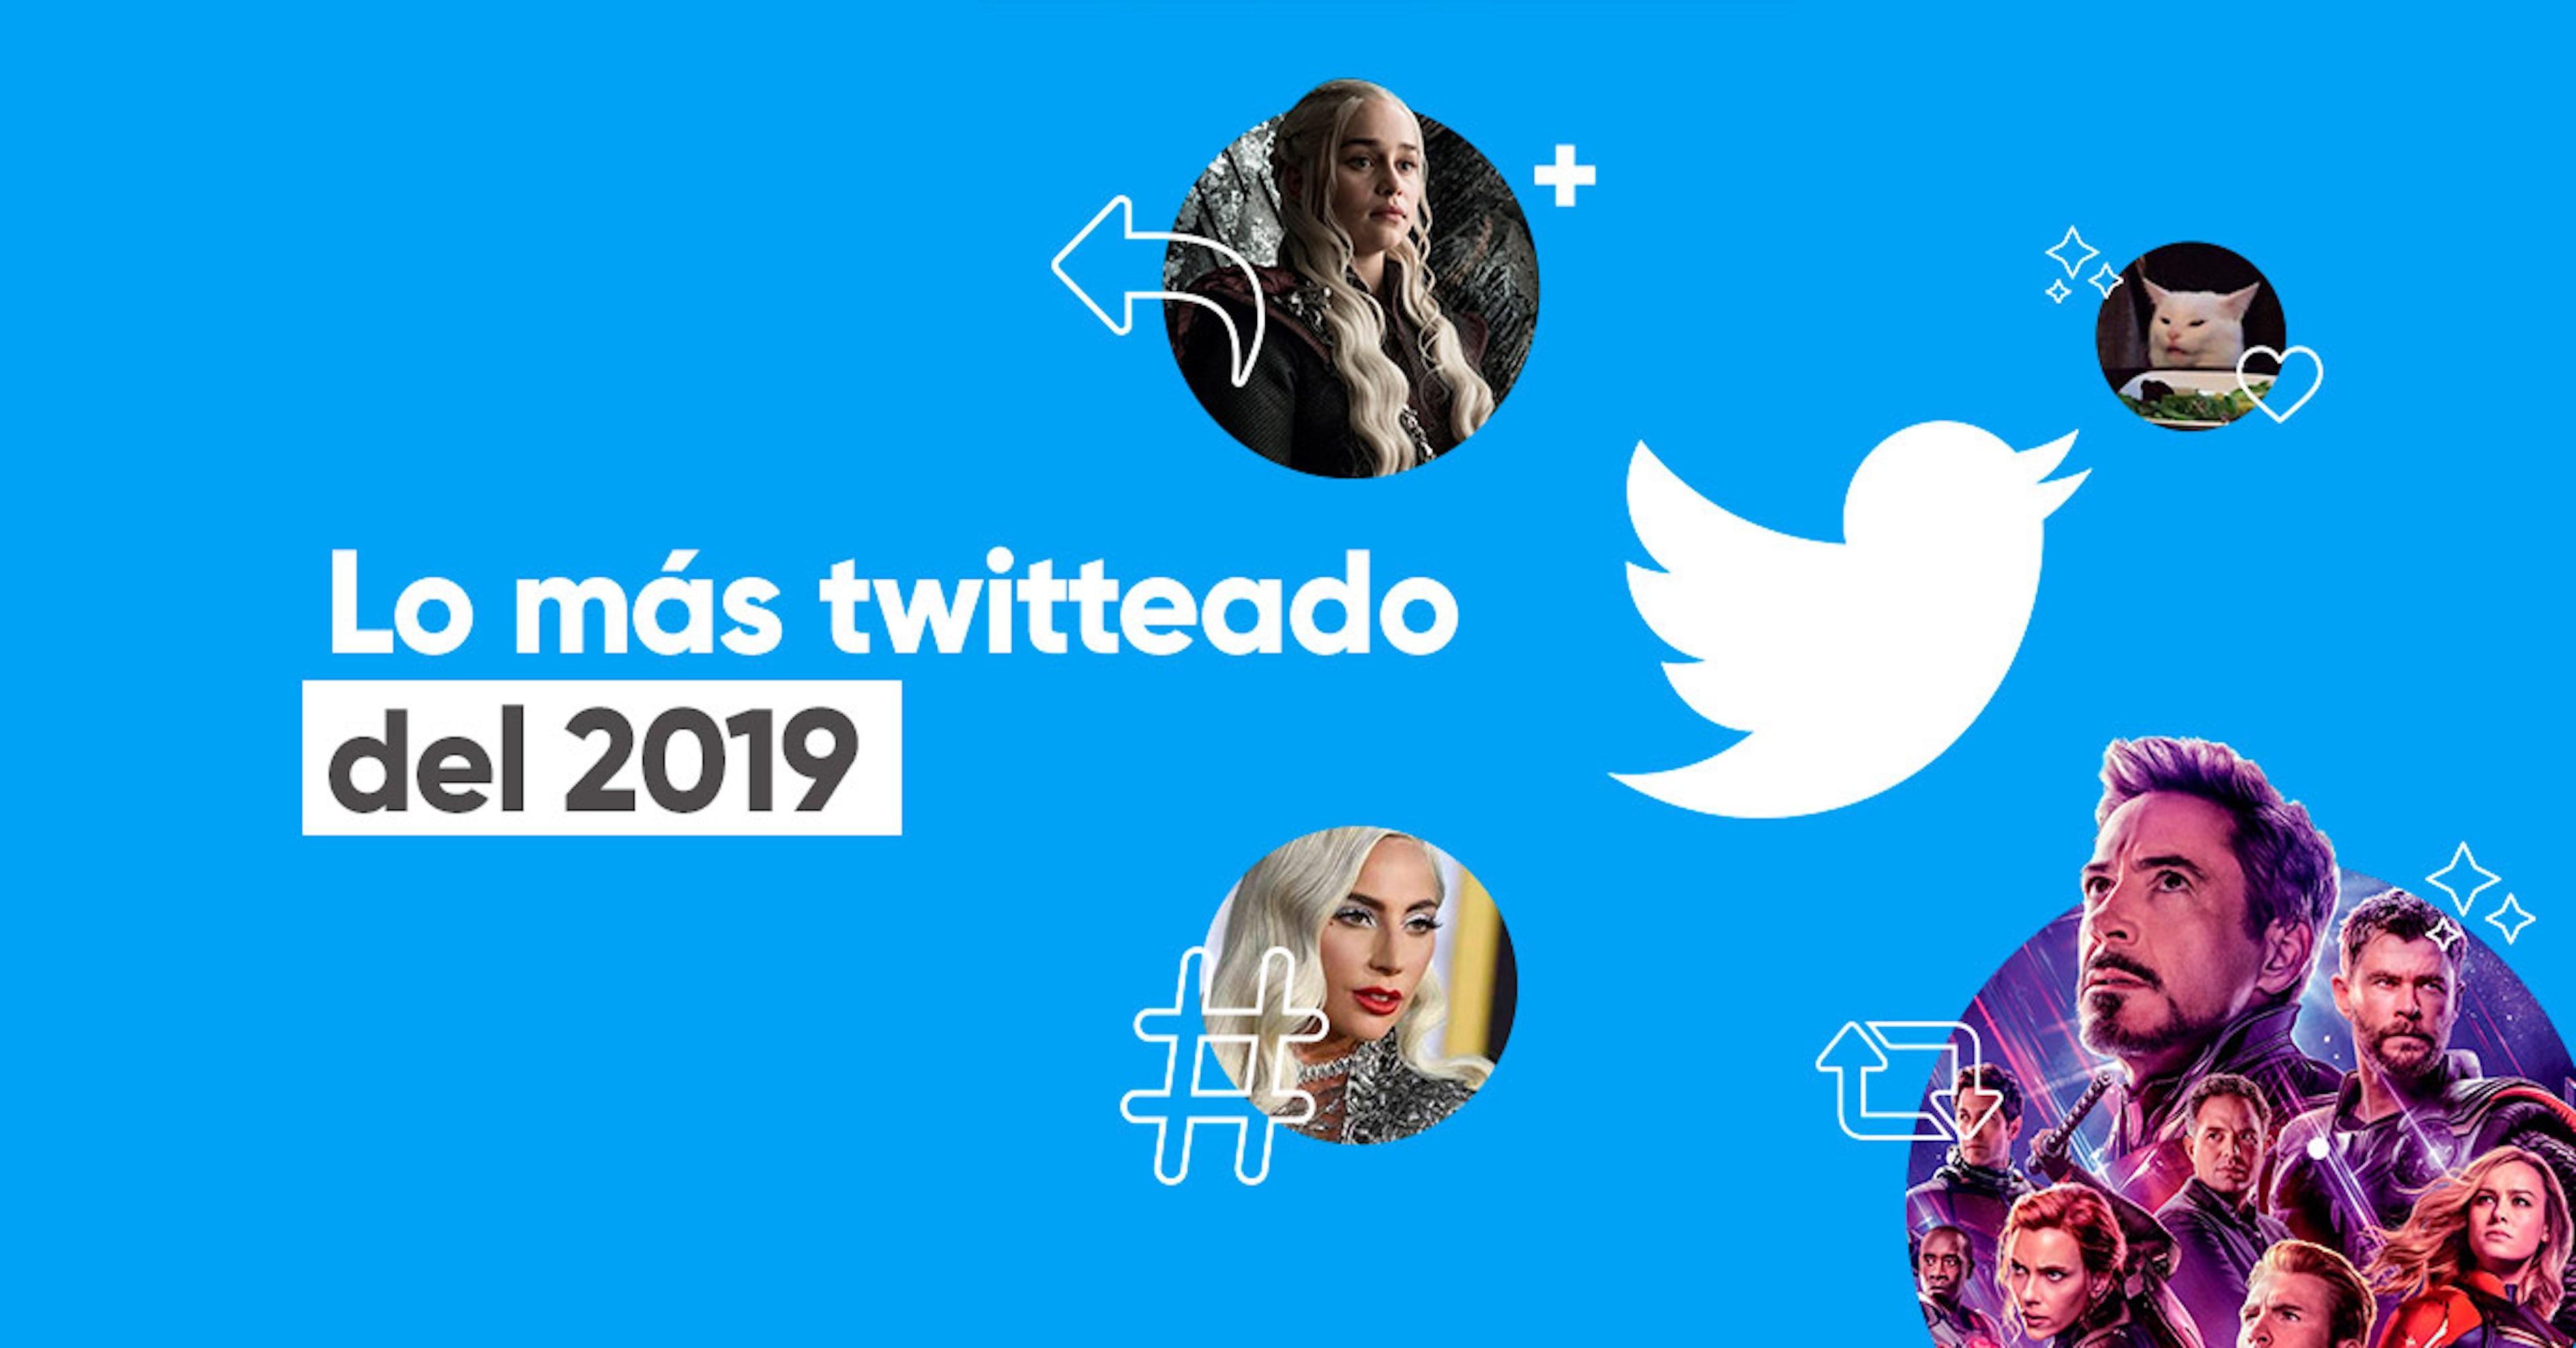 Lo más twitteado del 2019. ¿Cuál es tu favorito?